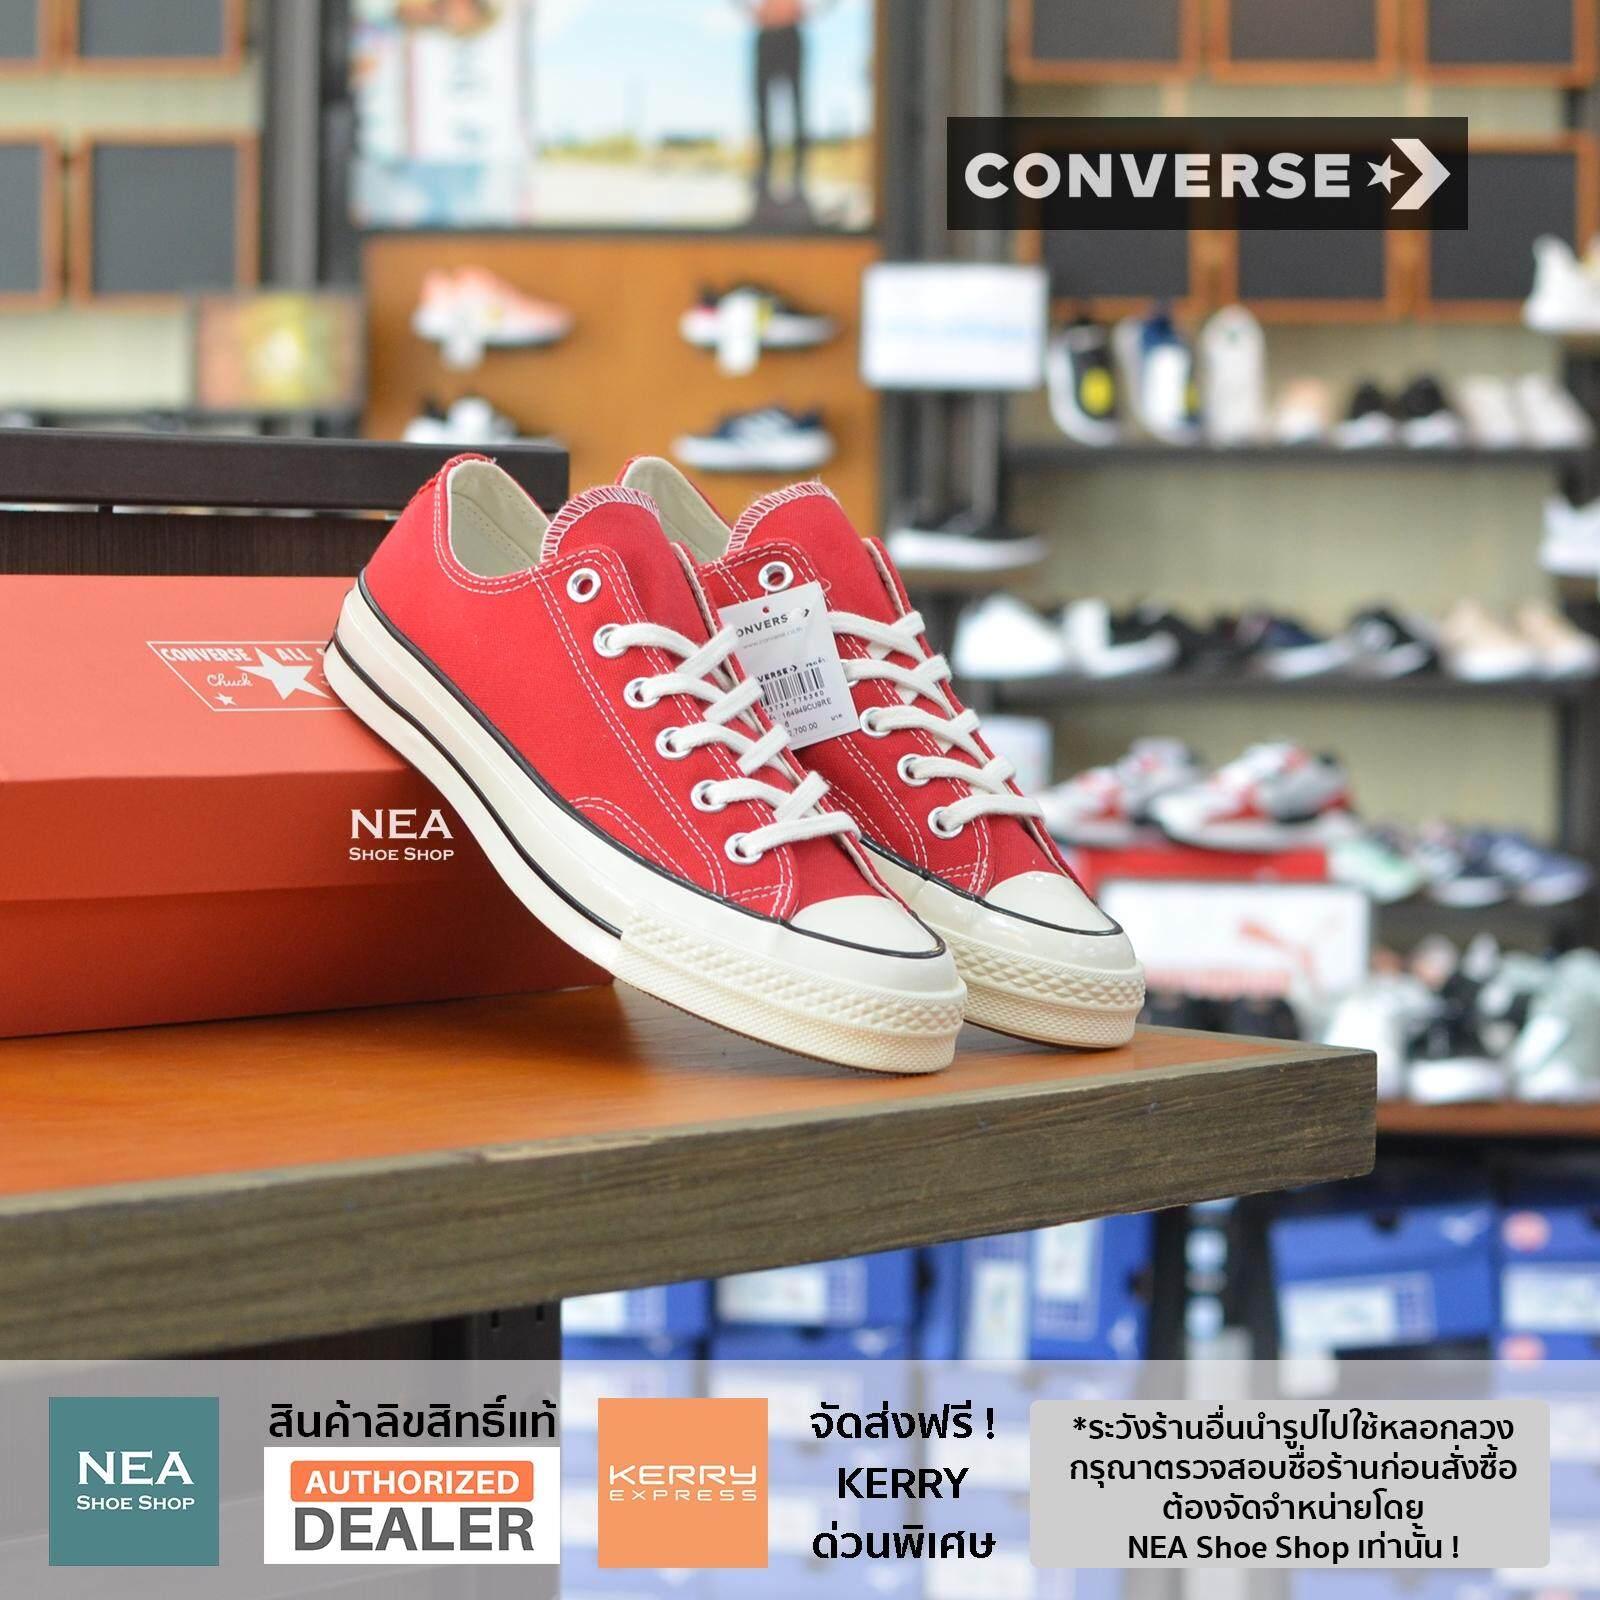 ยี่ห้อนี้ดีไหม  จันทบุรี [ลิขสิทธิ์แท้] Converse All Star 70 Enamel Red ox (Classic Repro) สีแดง รองเท้า คอนเวิร์ส รีโปร 70